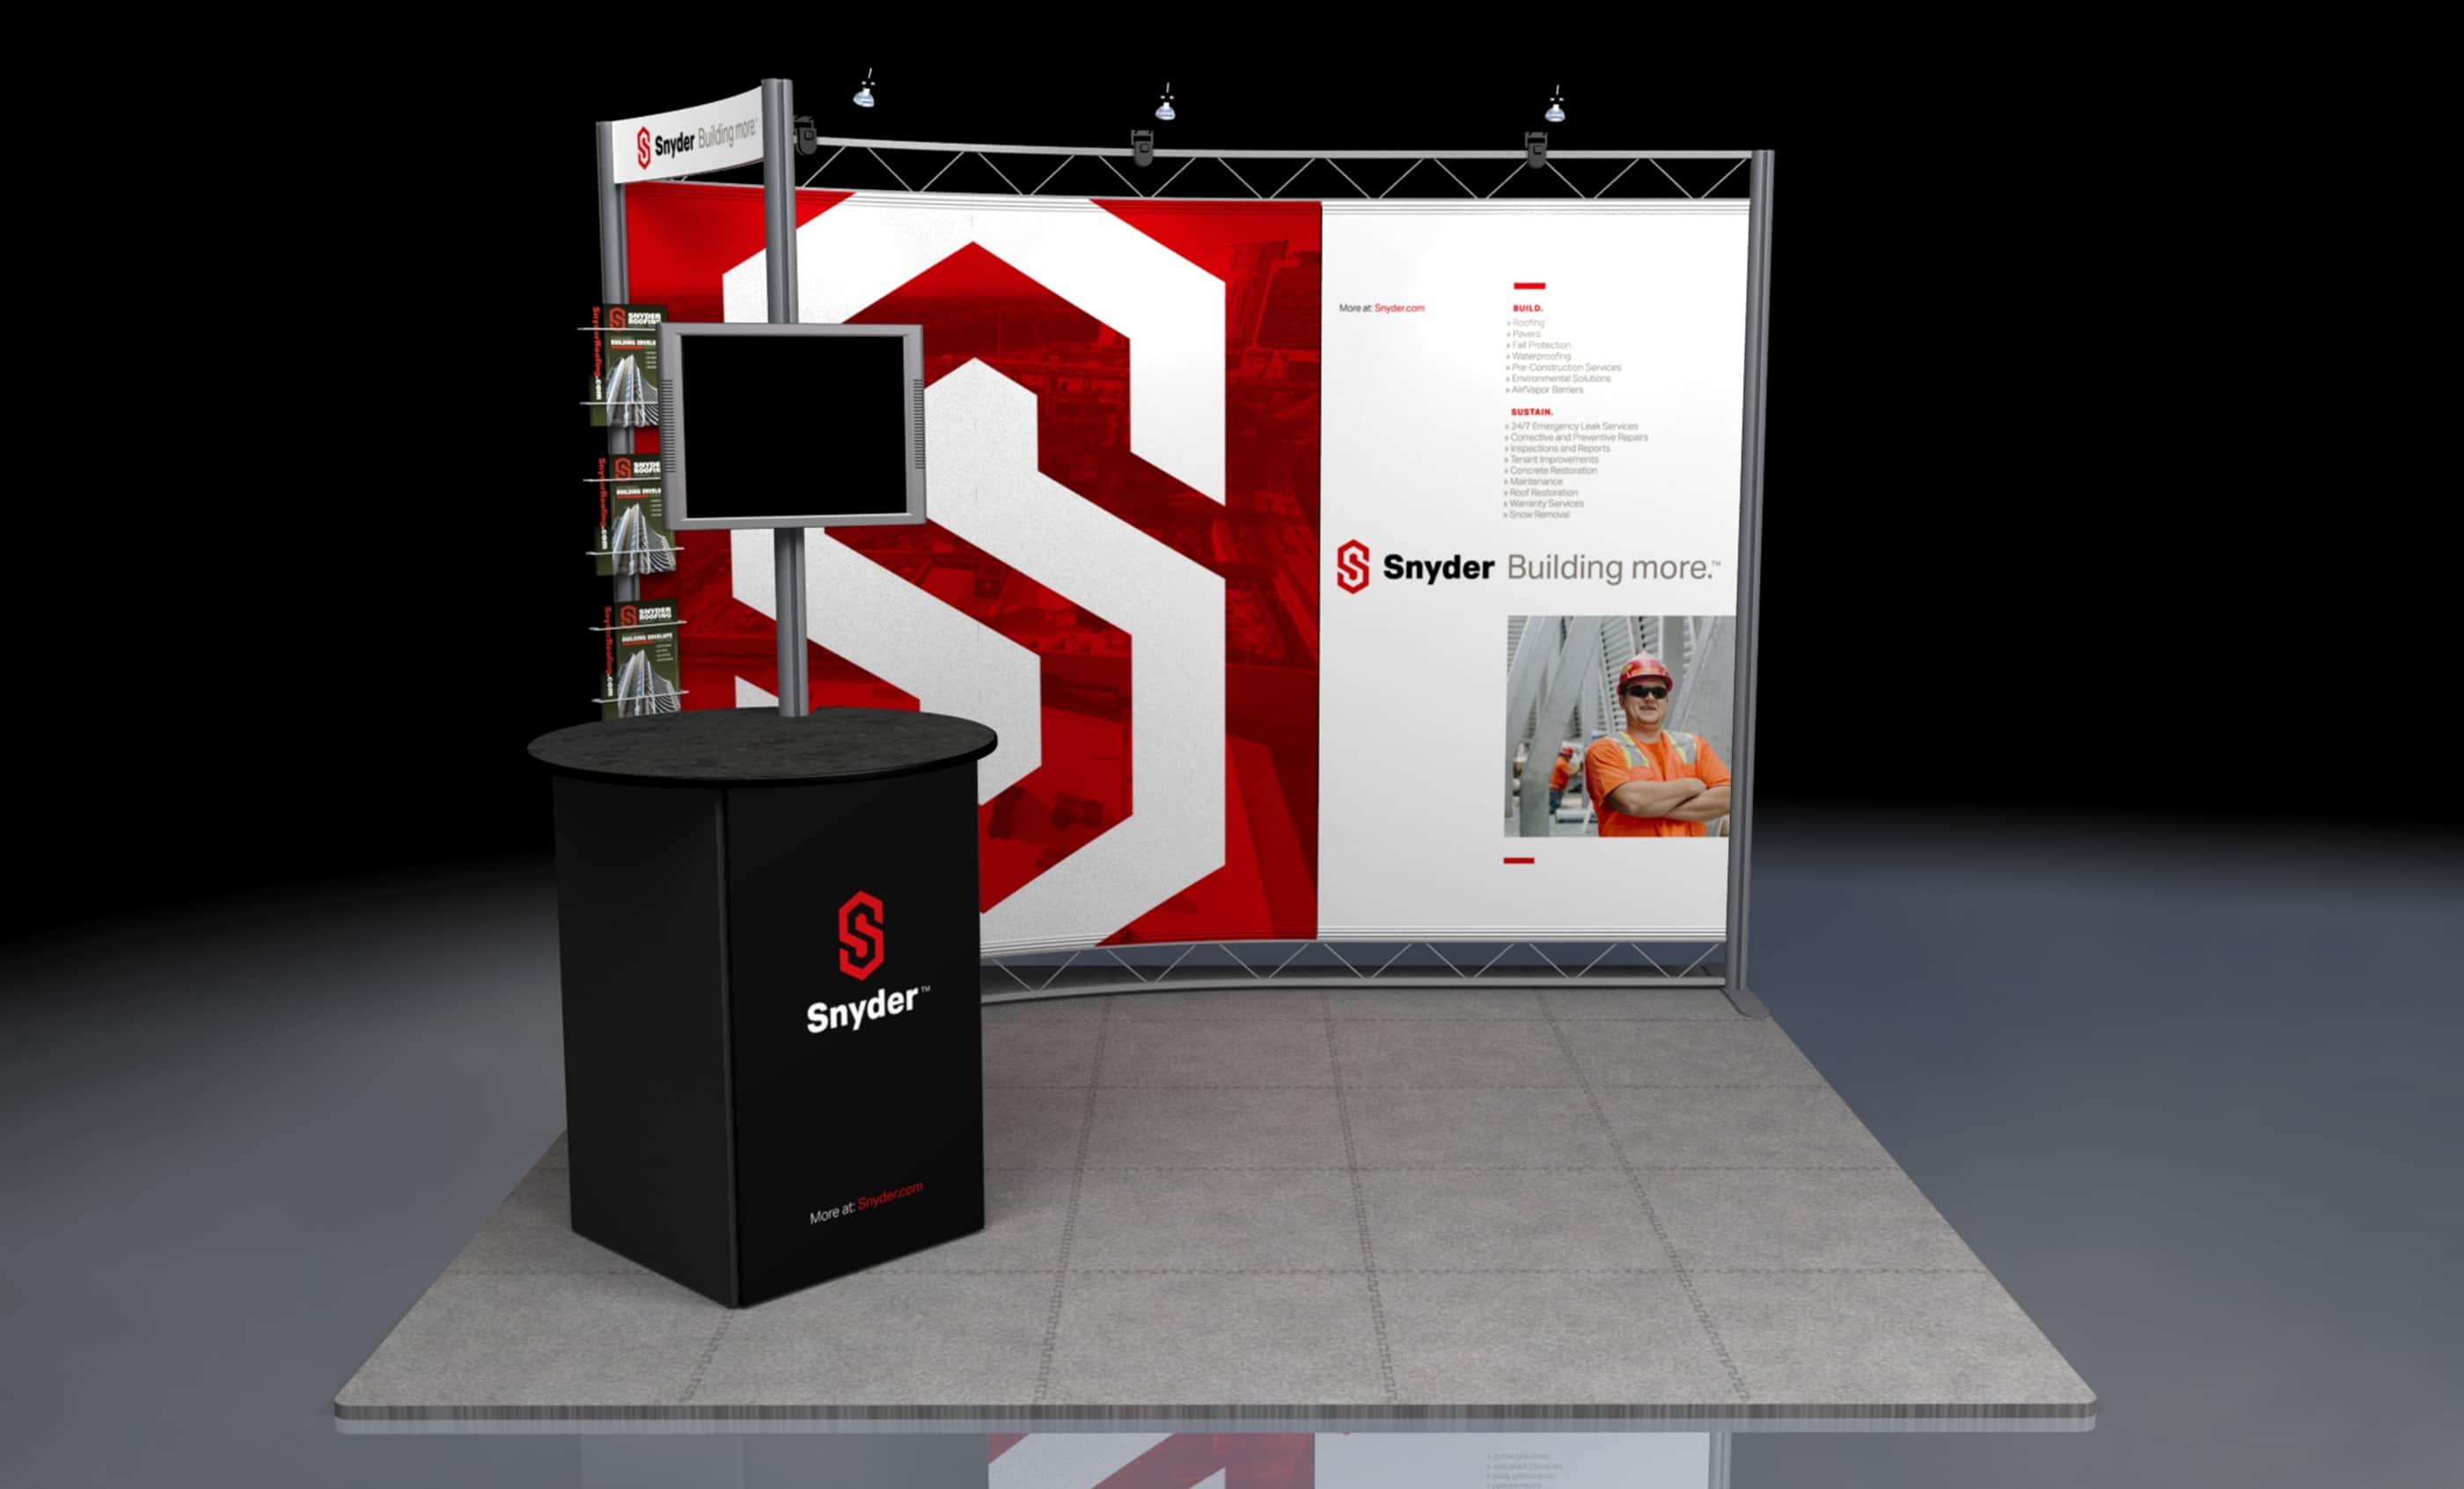 Snyder Tradeshow Rendering, Closeup